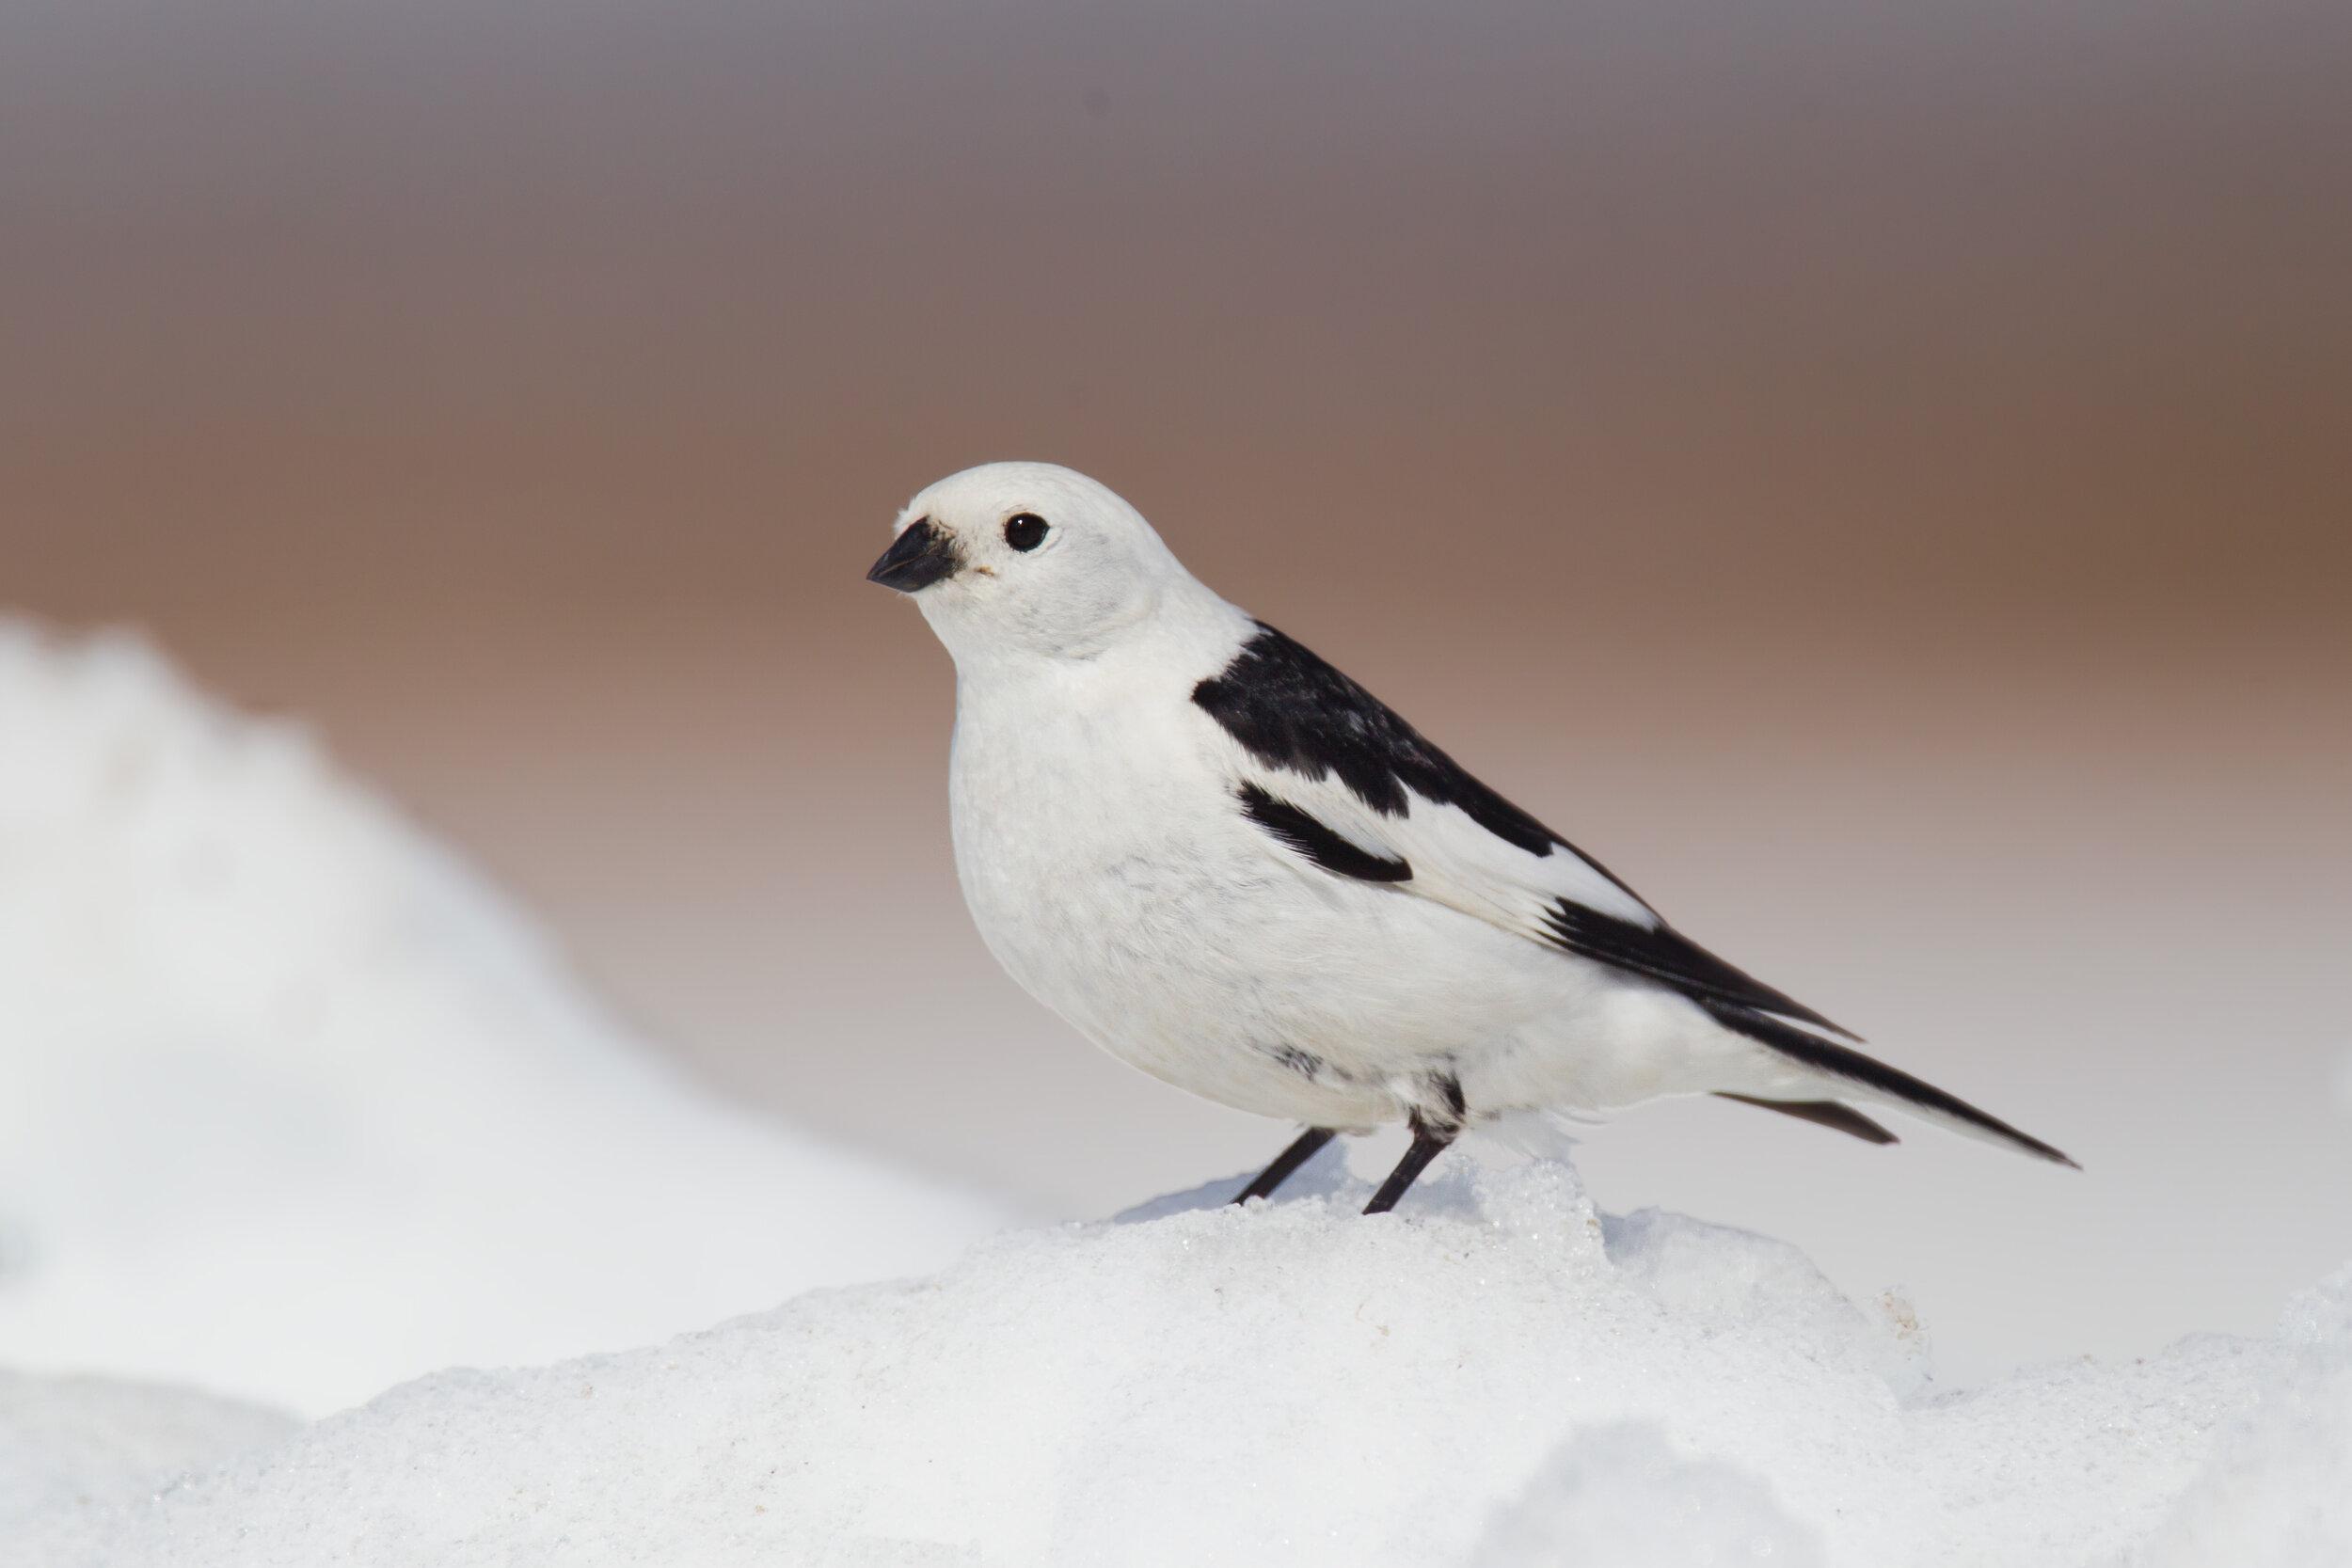 snow_bunting_EI8C0330990b.jpg